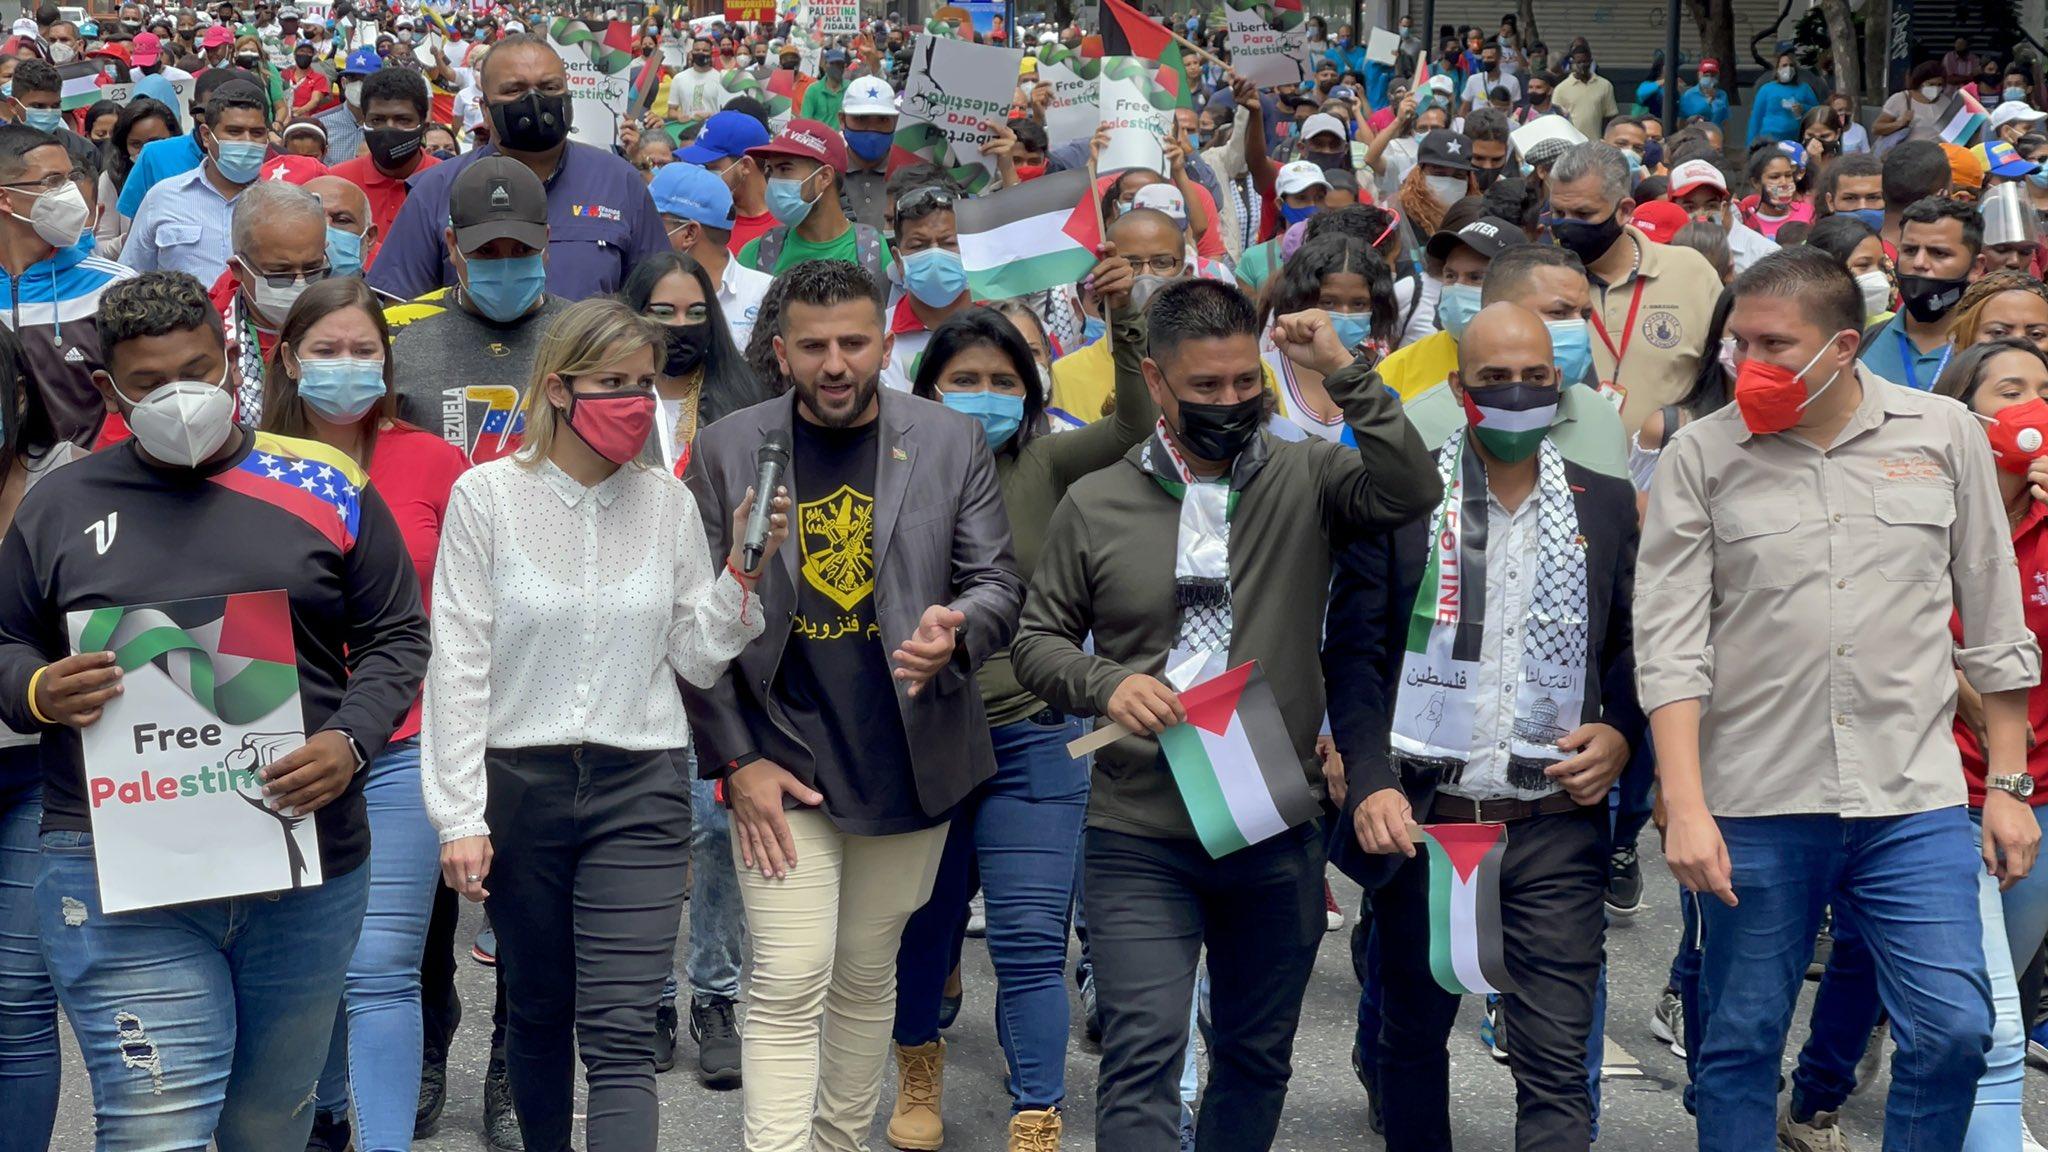 Parlamento venezolano marcha en solidaridad con Palestina